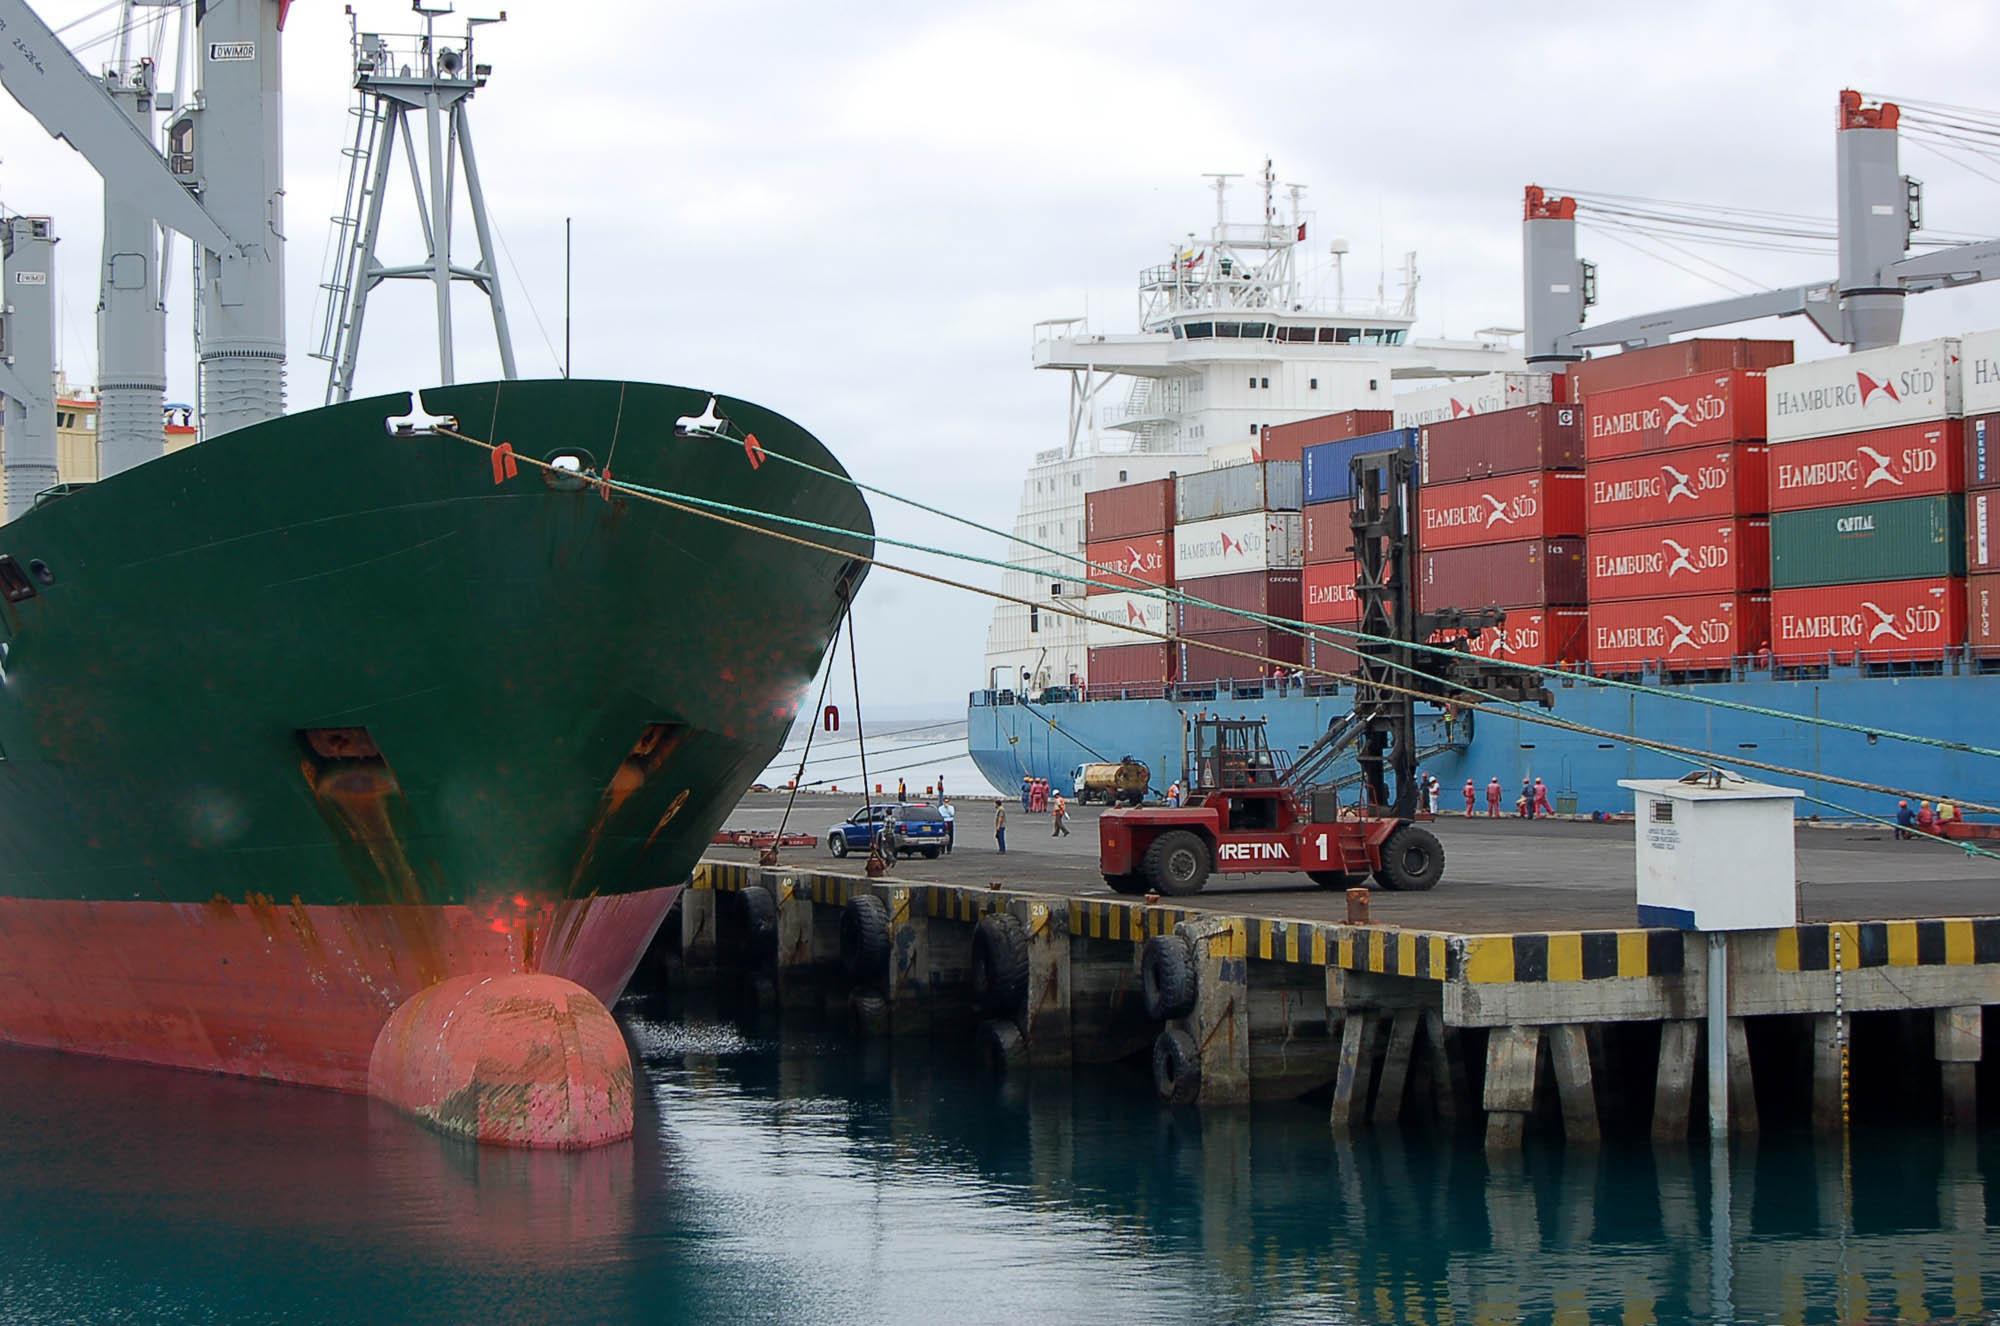 Hallaron 110 kilos de cocaína en puerto de Manta